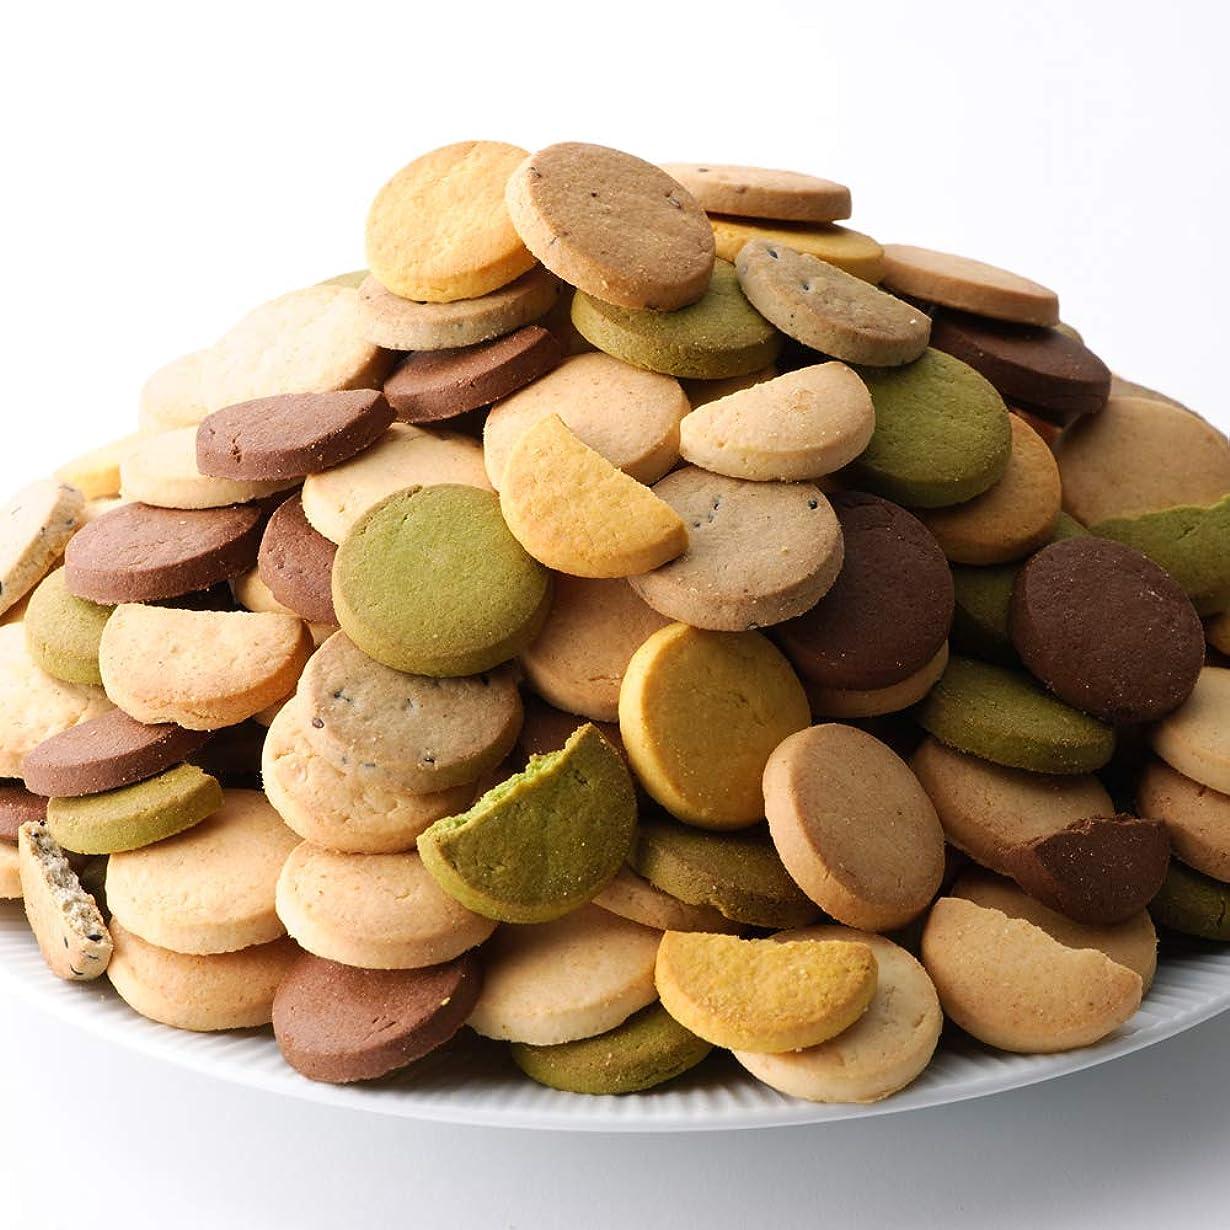 倍率仕立て屋バックアップ豆乳おからクッキー 1kg(200g×5袋)1枚約16kcal